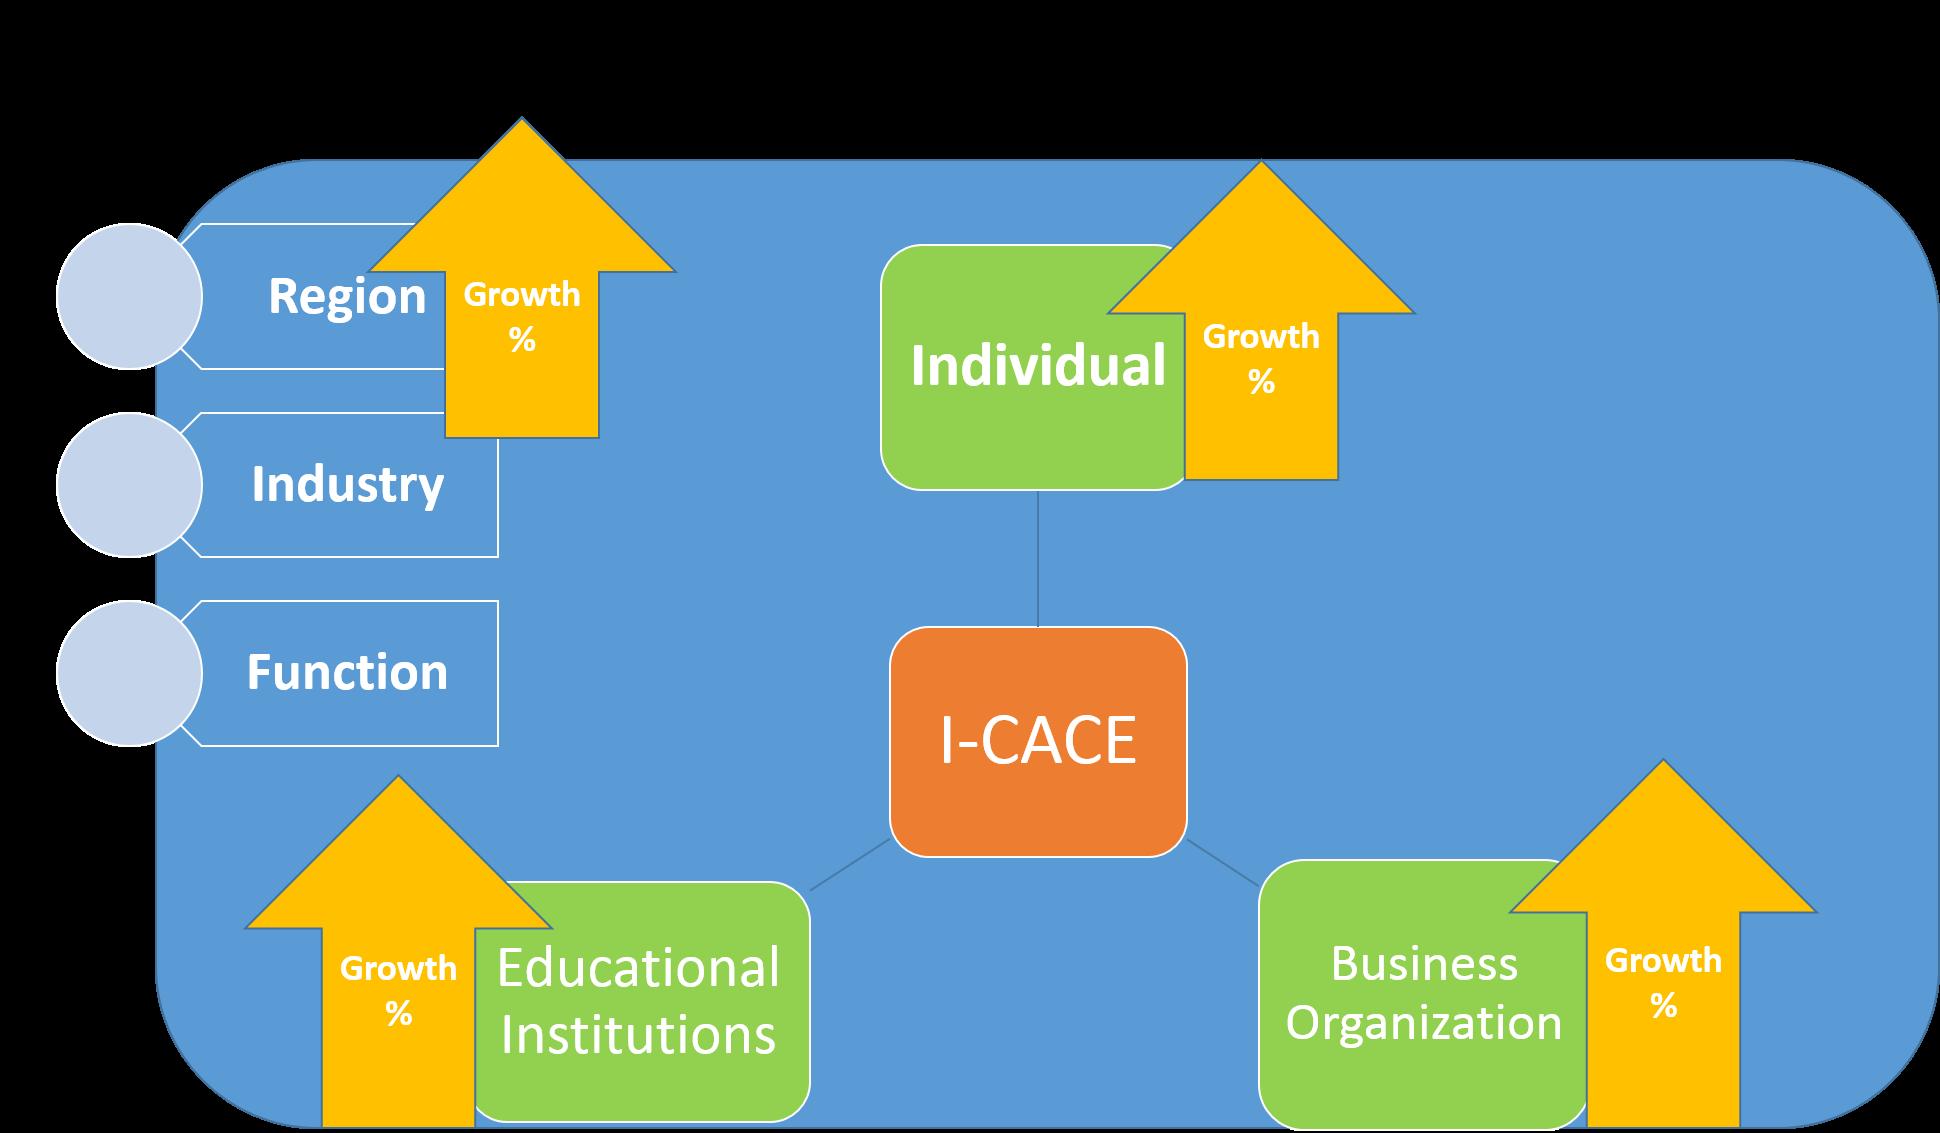 /srv/www/vhosts/user3101/html/entrepreneurship-campus.org/wp-content/uploads/2017/05/I-CACE-Model-1.png